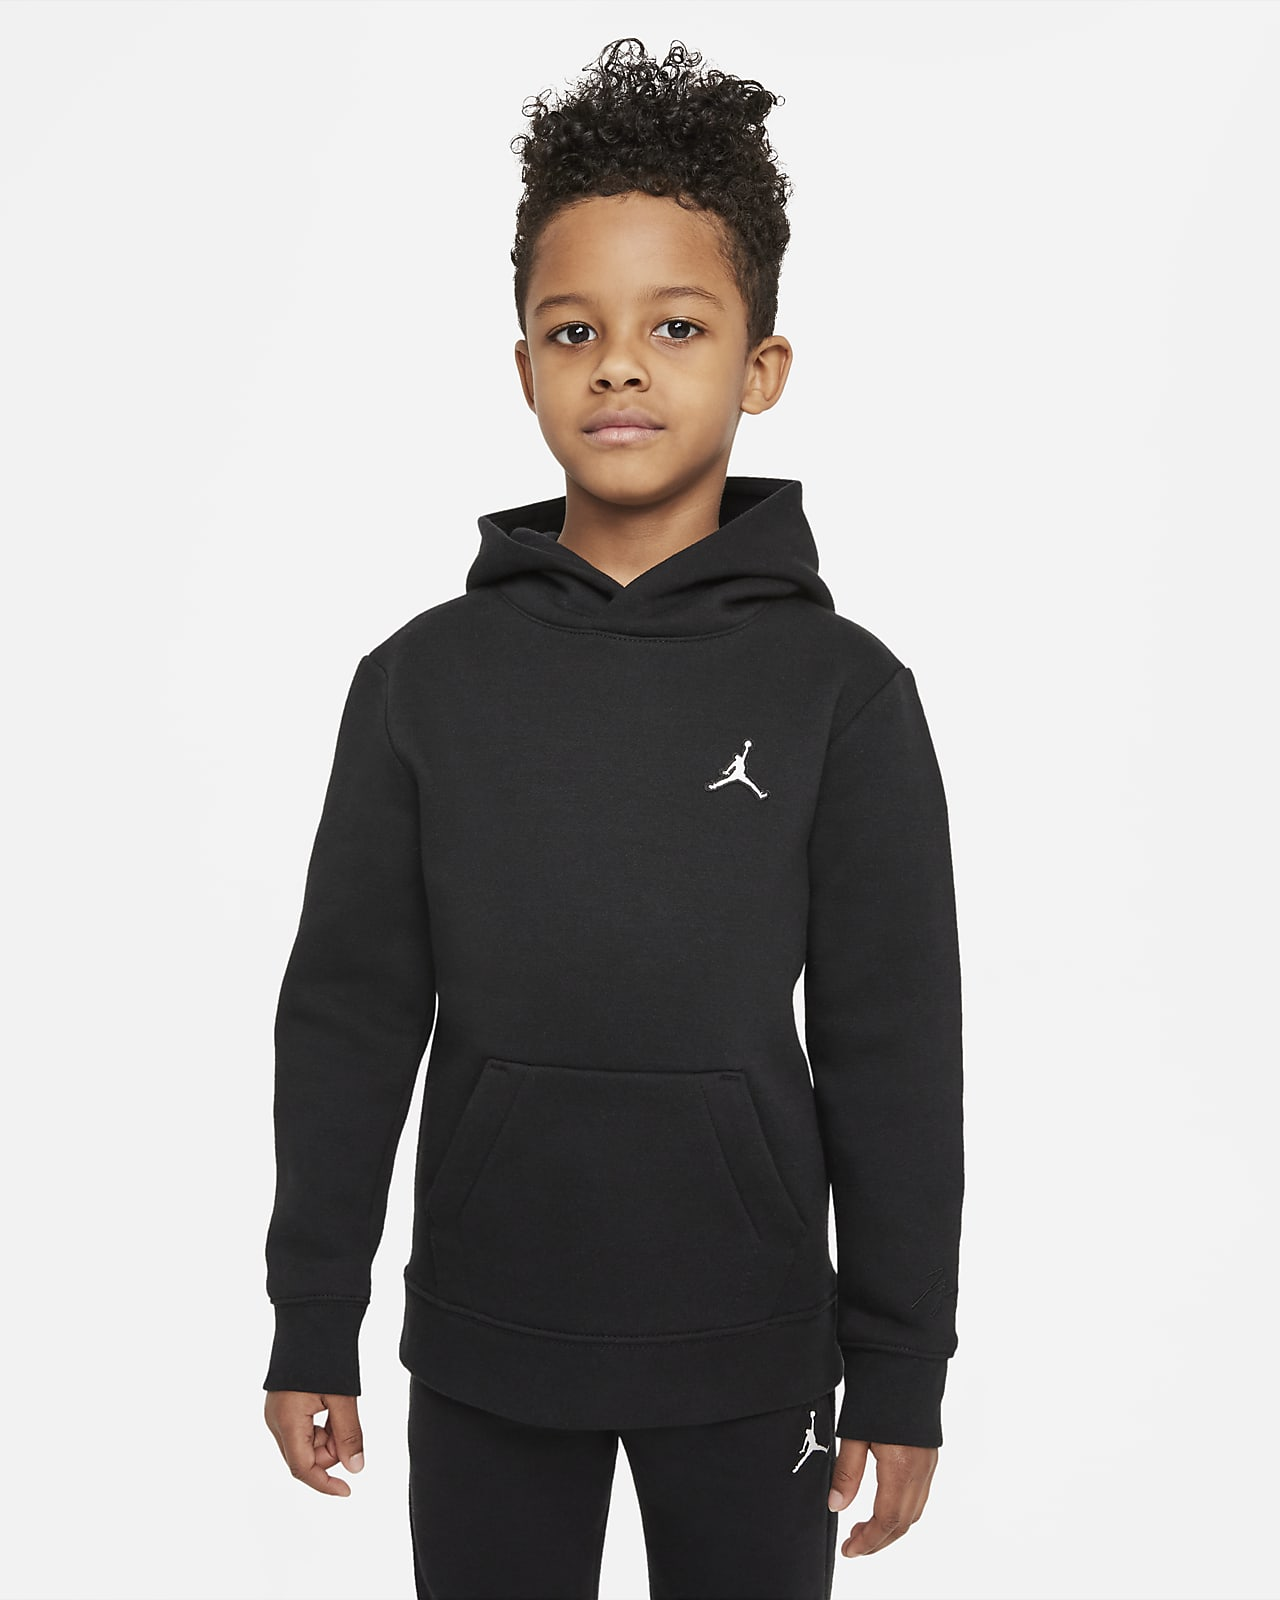 Jordan Dessuadora amb caputxa - Nen/a petit/a